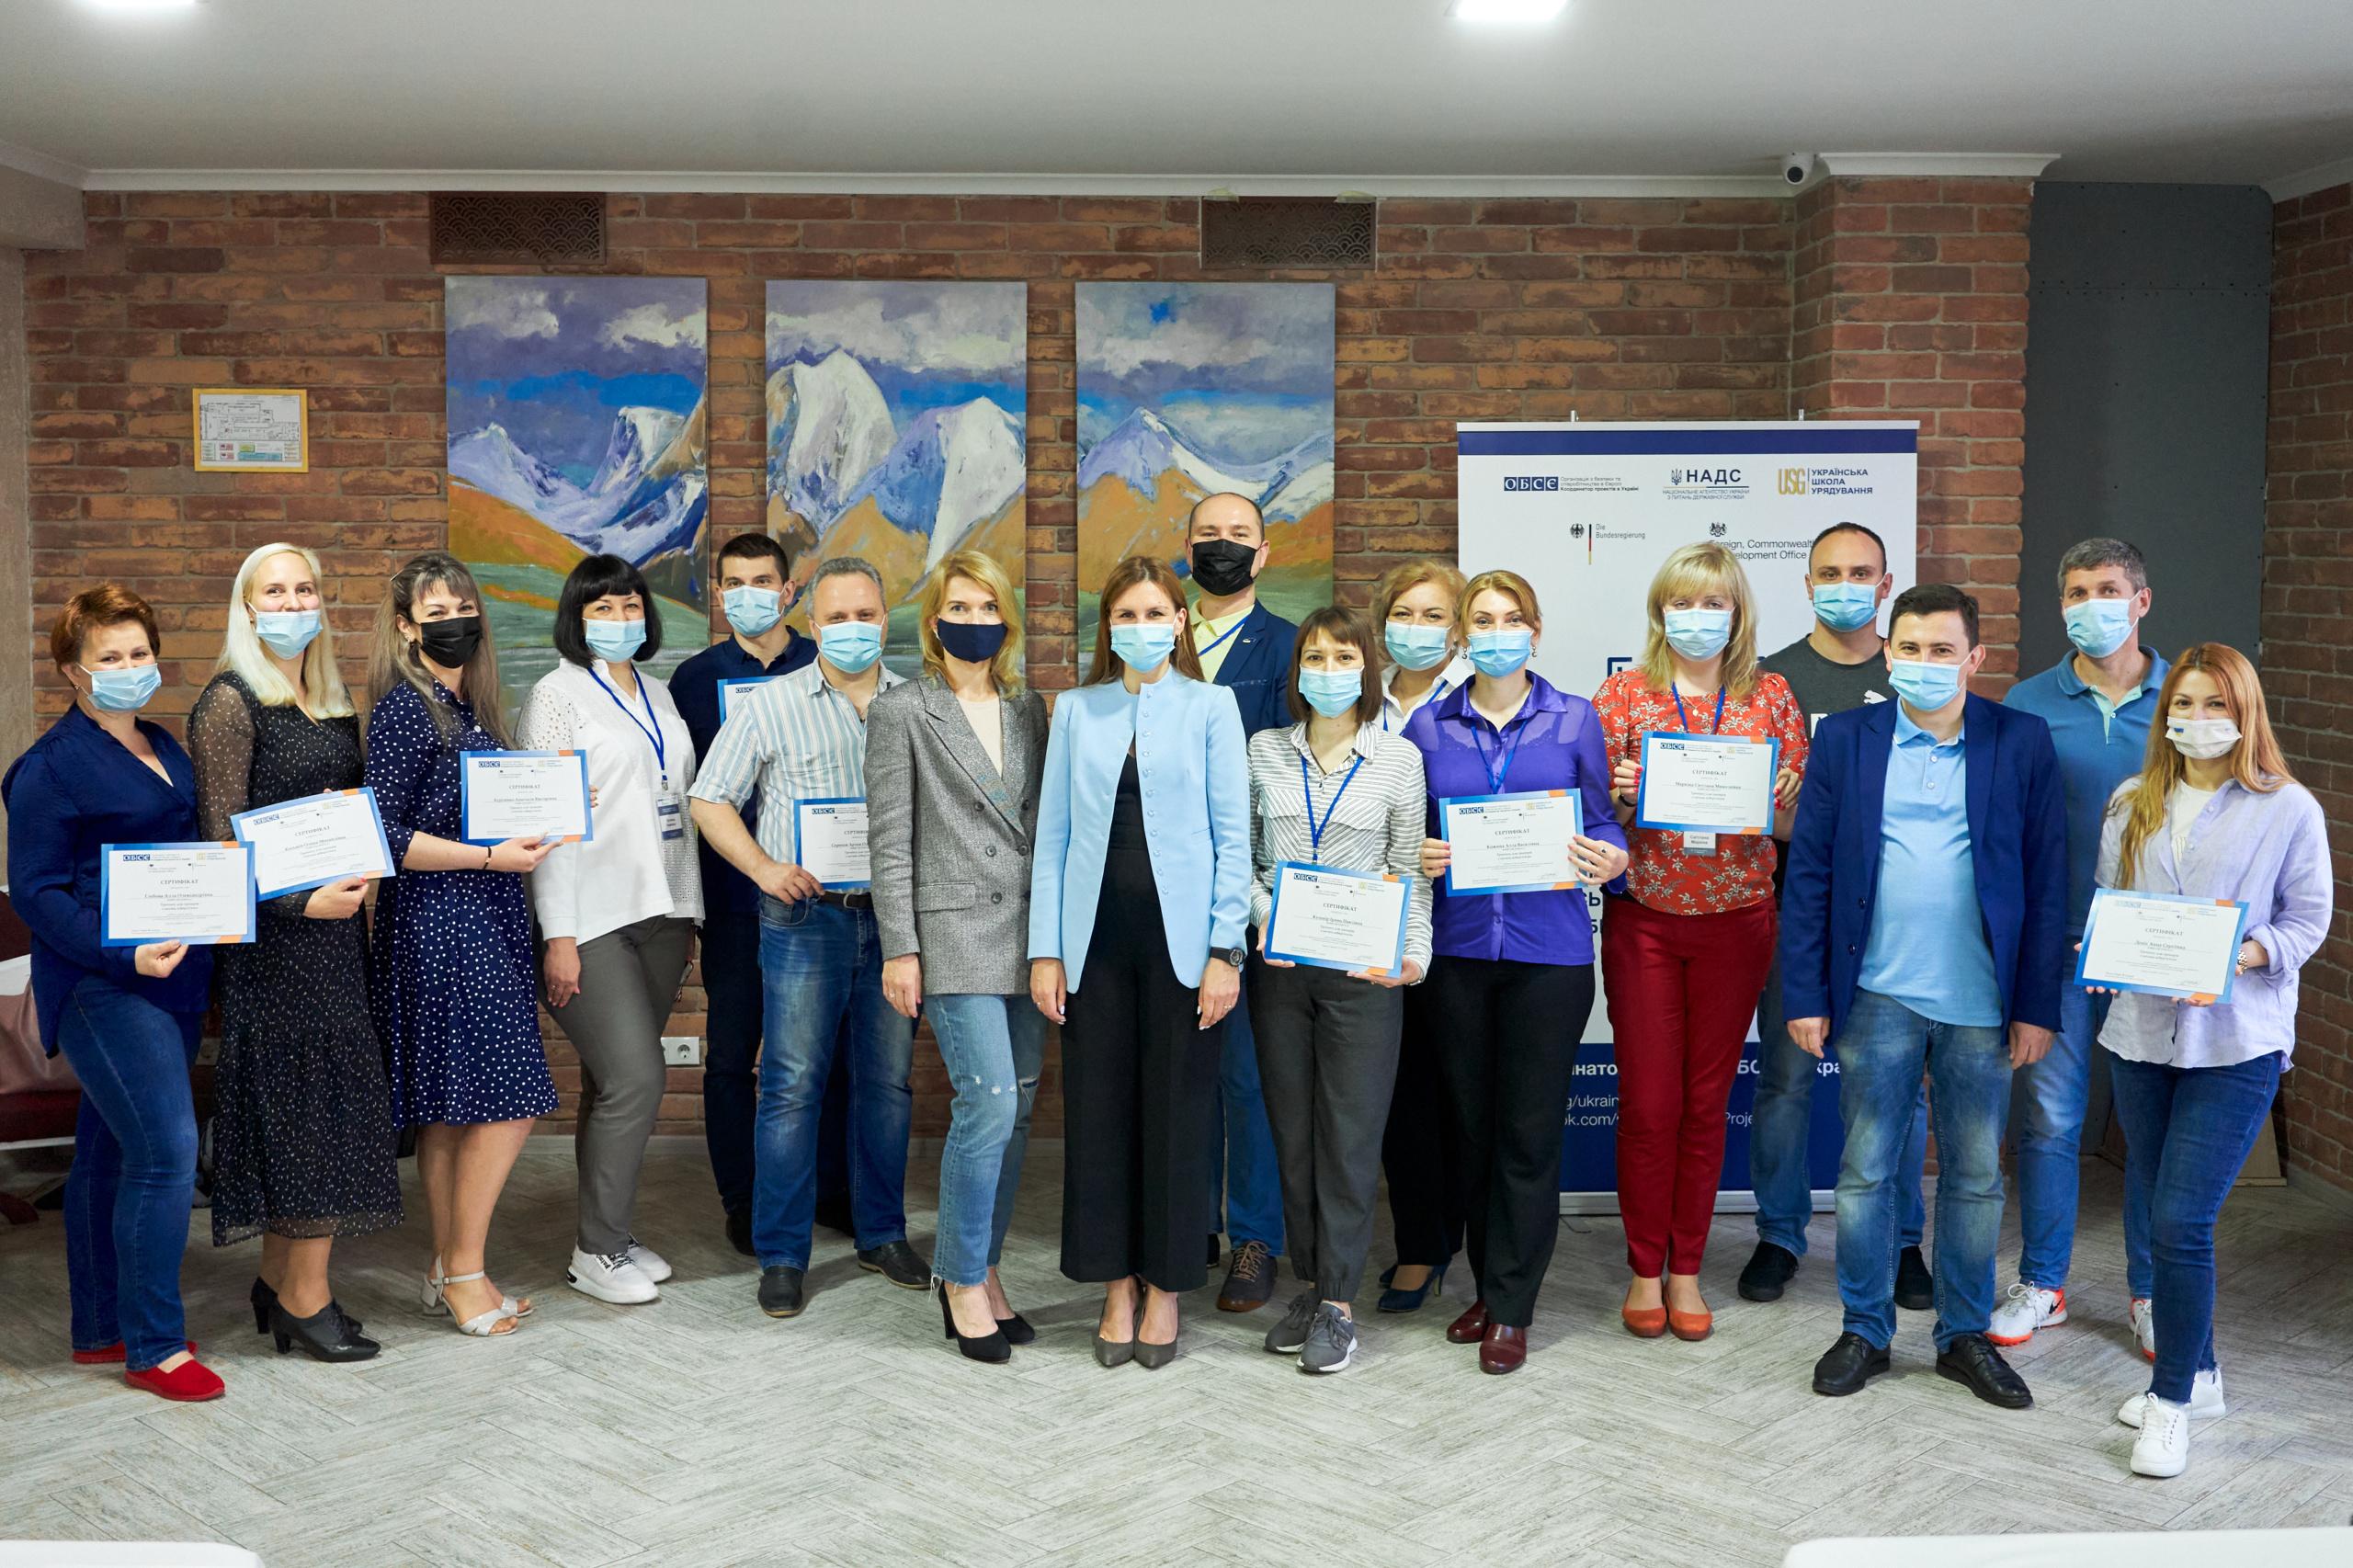 Практична сесія тренінгів для тренерів з кібергігієни від Координатора проектів ОБСЄ в Україні